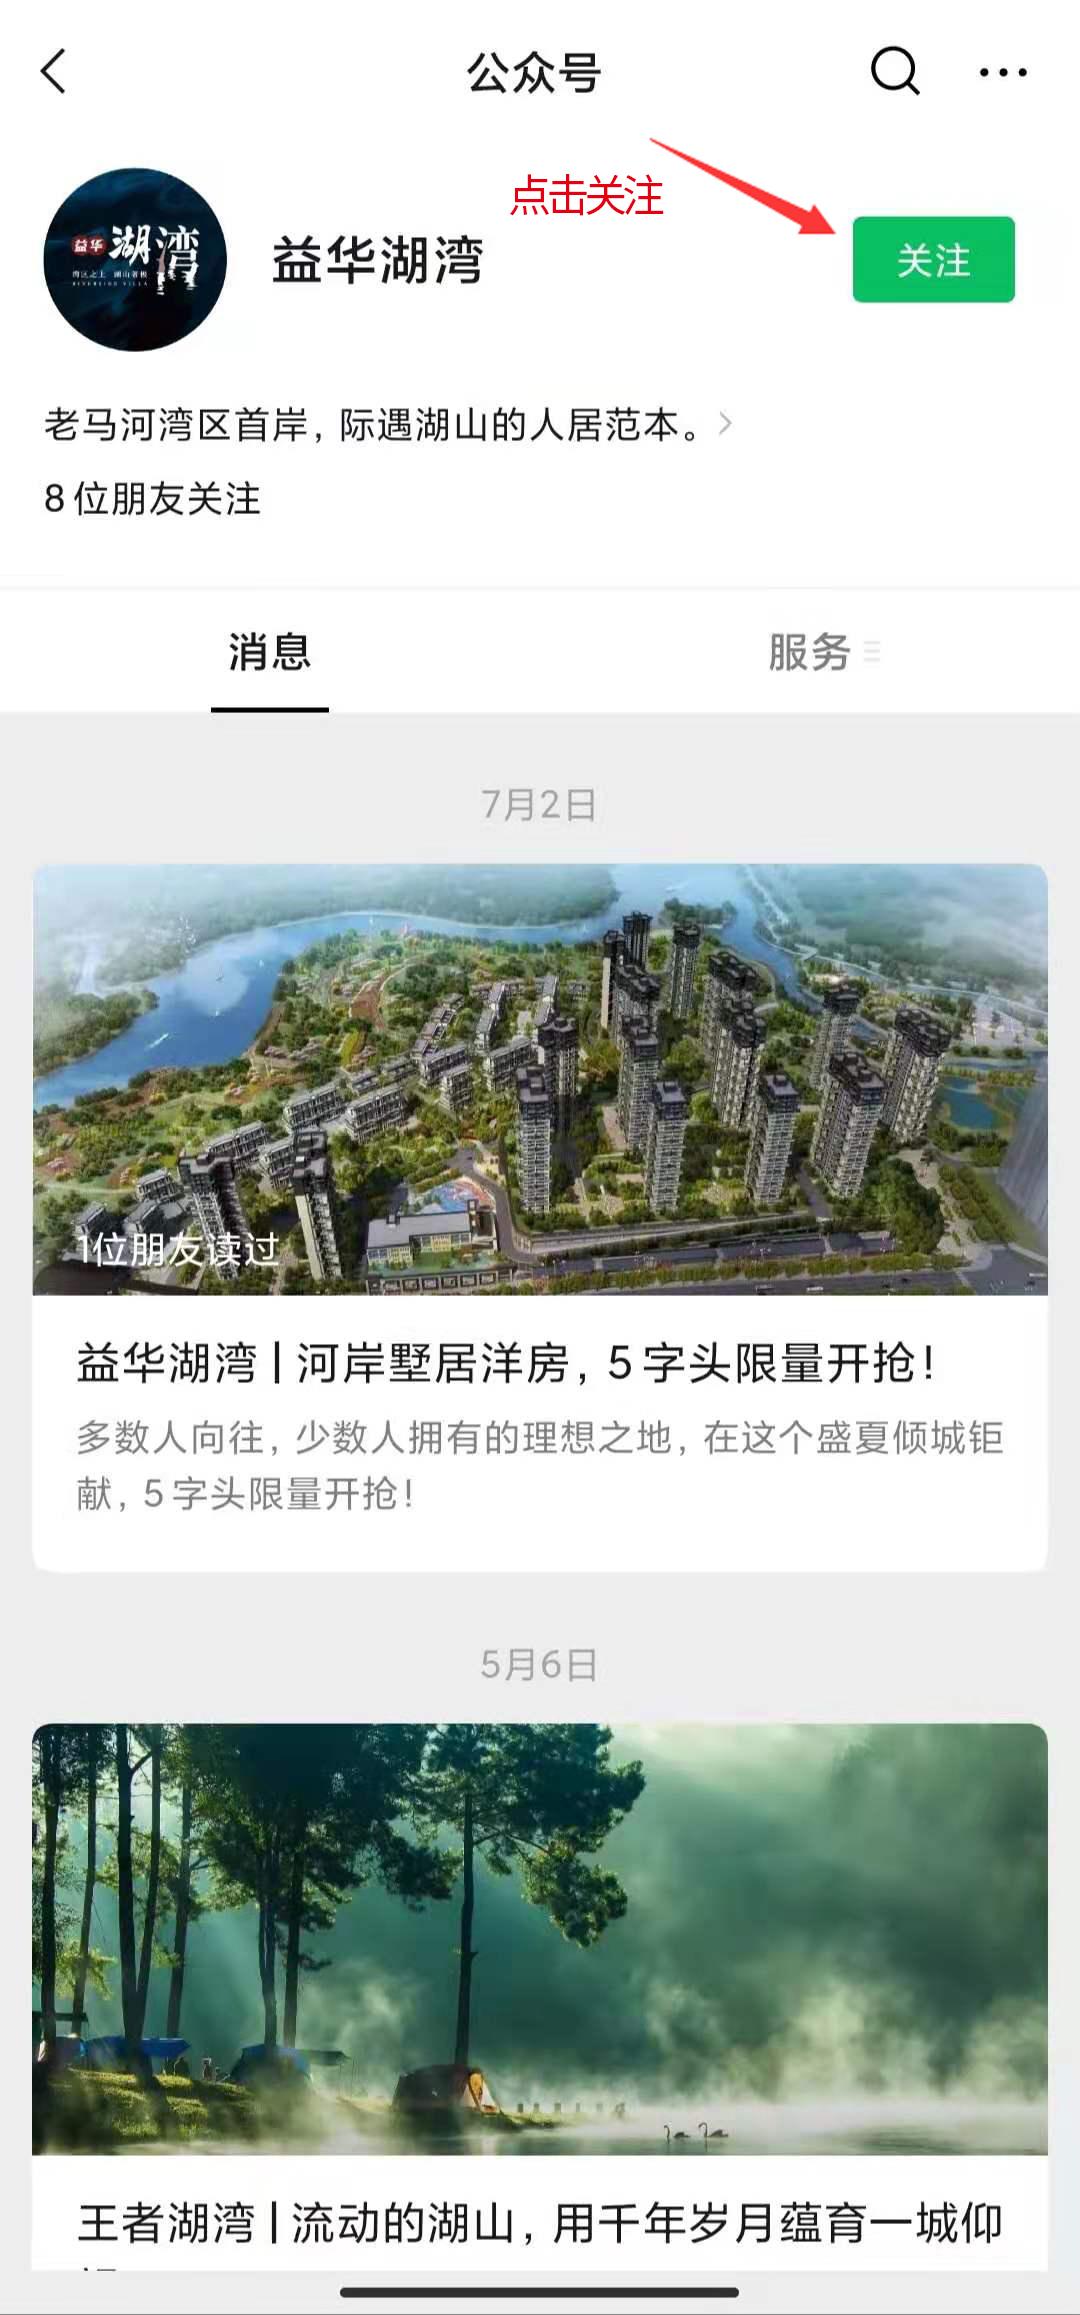 益华十六周年 邀您一起为清镇比心_中国网地产